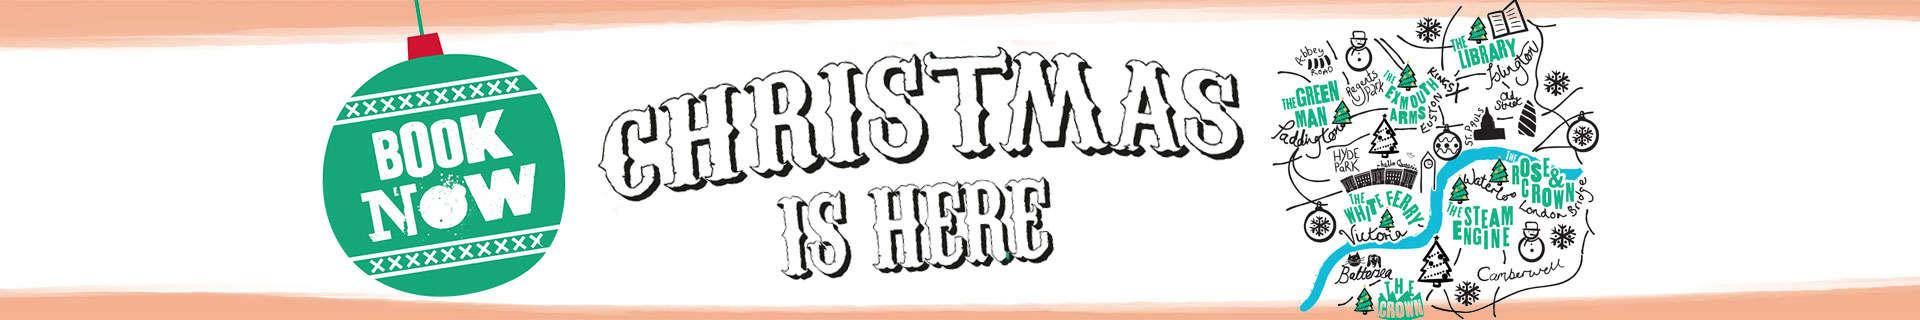 PubLove Christmas